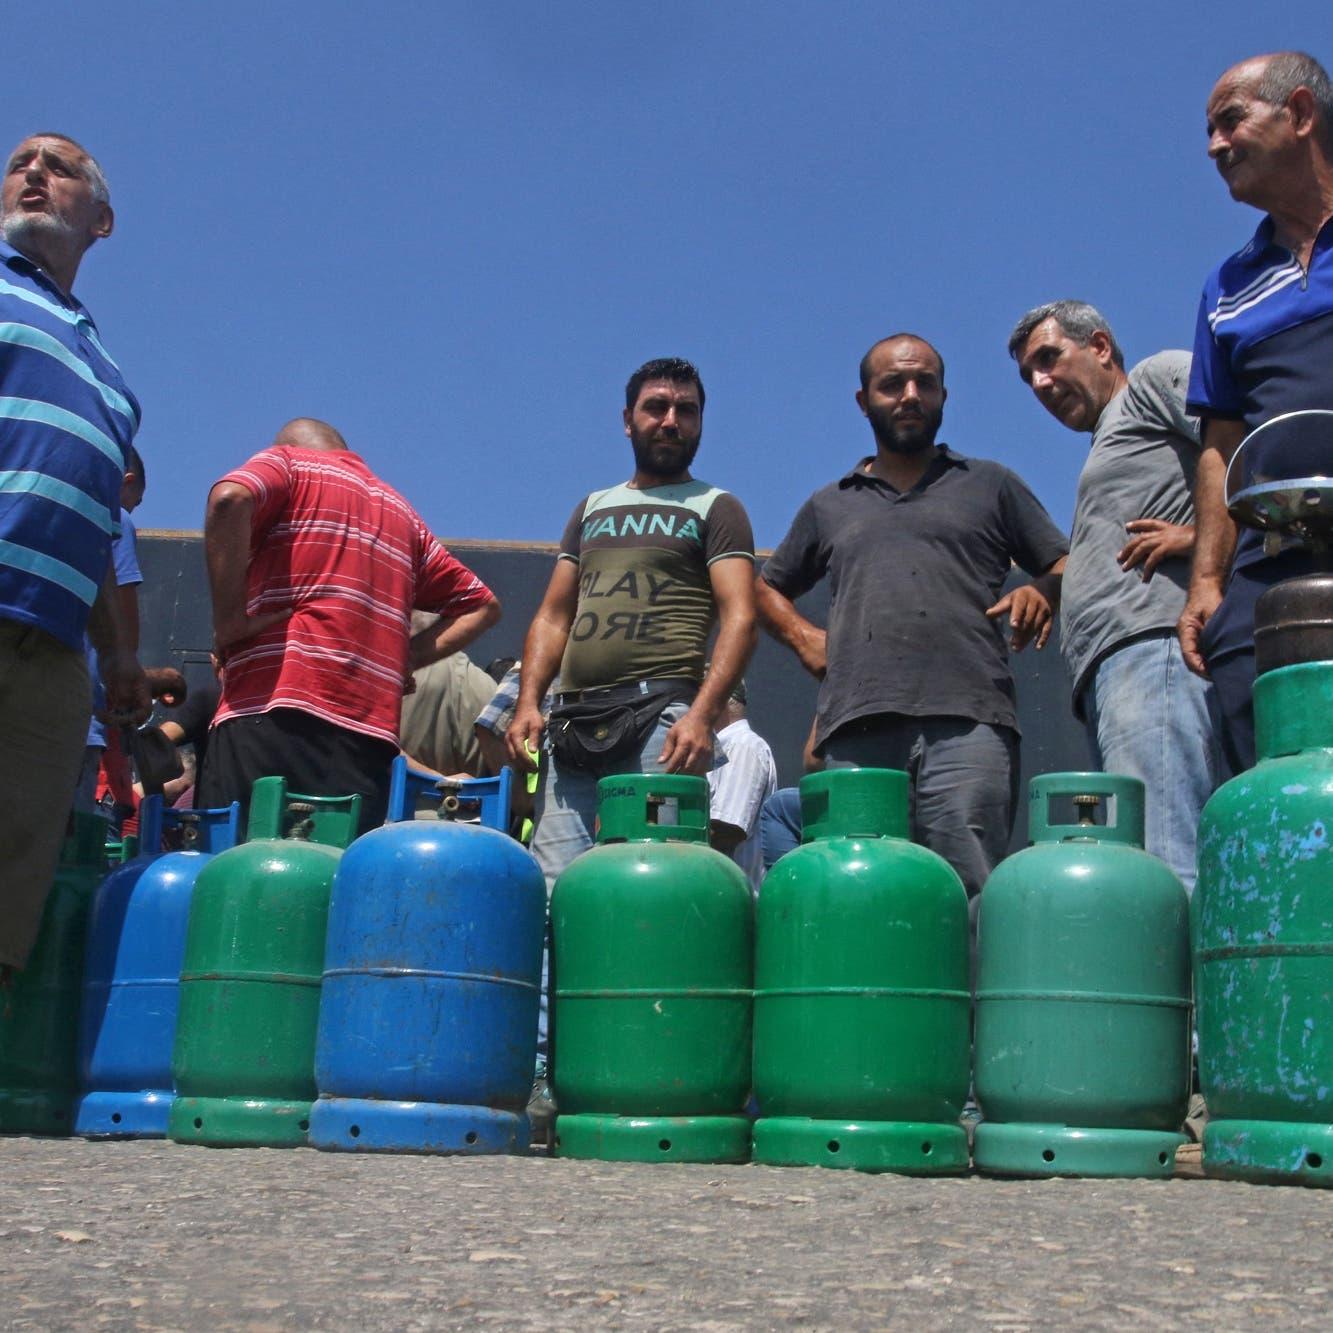 أزمة جديدة تهدد لبنان.. الغاز يكفي أسبوعاً!